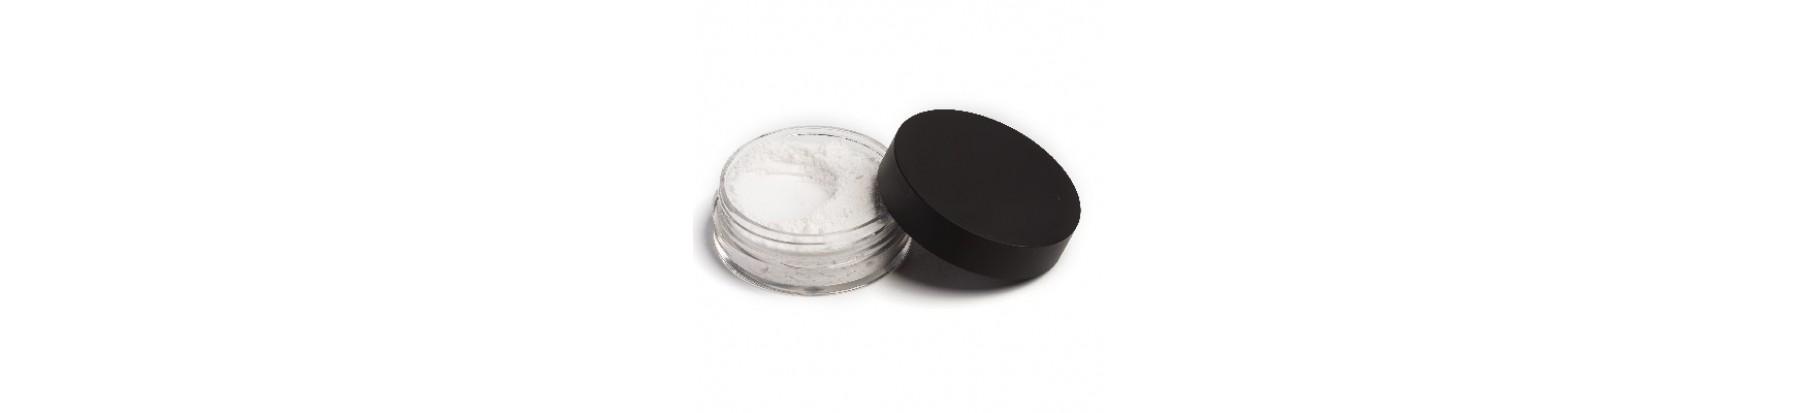 Минеральная рассыпчатая пудра для сухой кожи